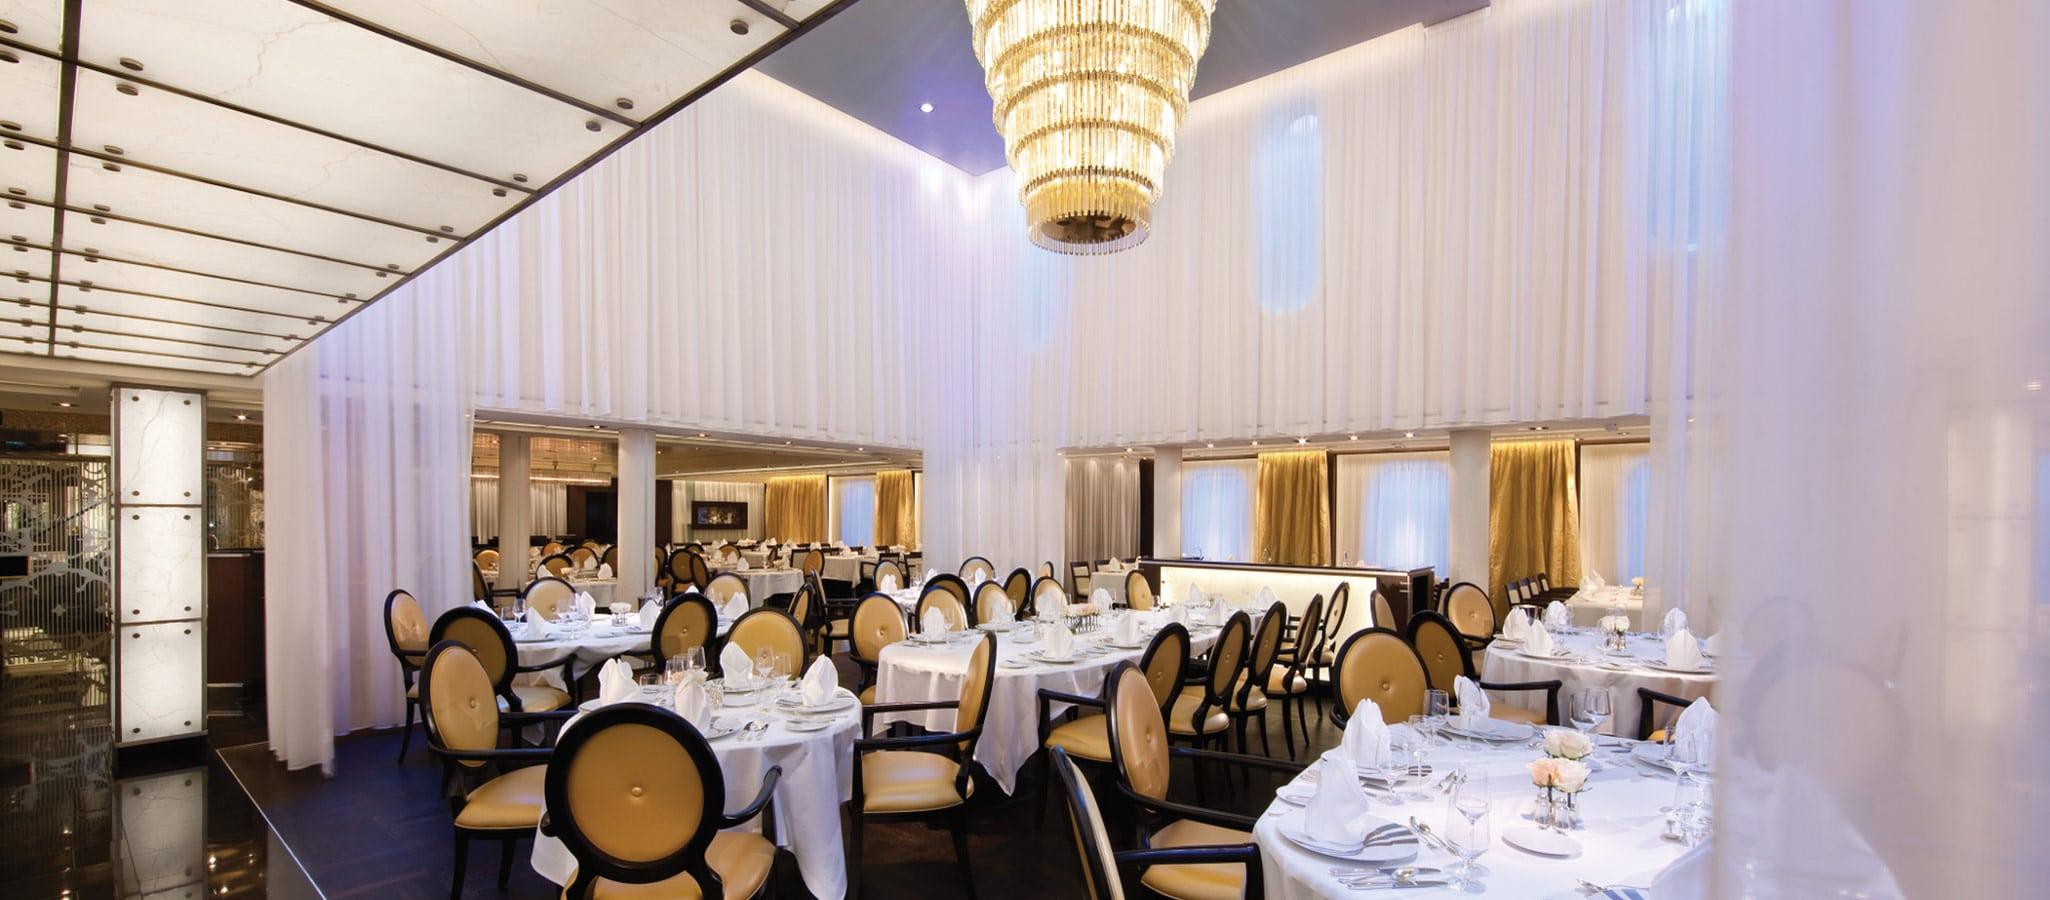 Alle Schiffe verfügen über mehrere Restaurants, deren Anspruch an Stil und Cuisine höchste Ansprüche an Gala-Menüs übererfüllen.